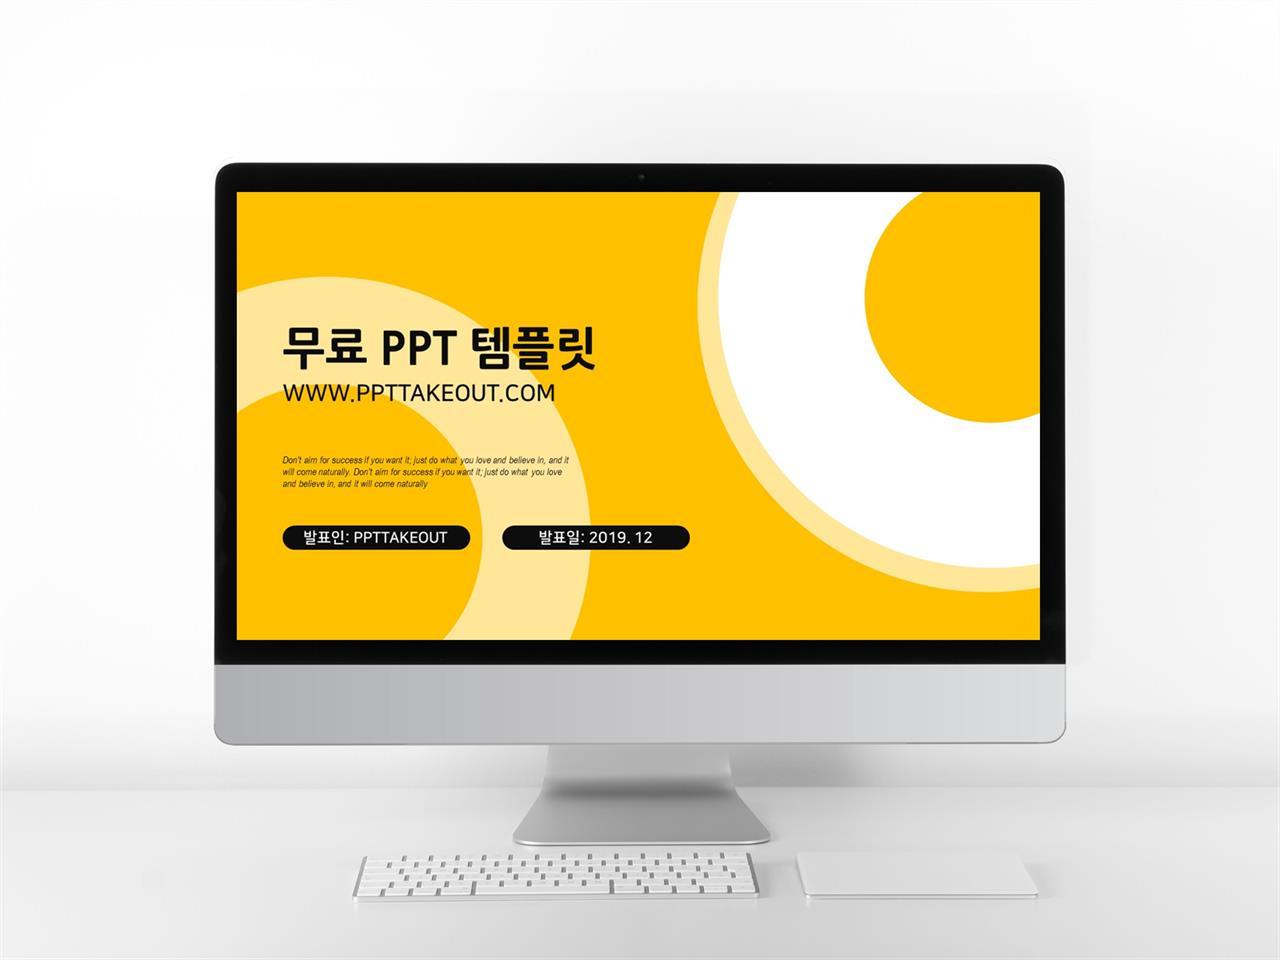 노란색 간략한 발표용 무료 PPT배경 다운 미리보기